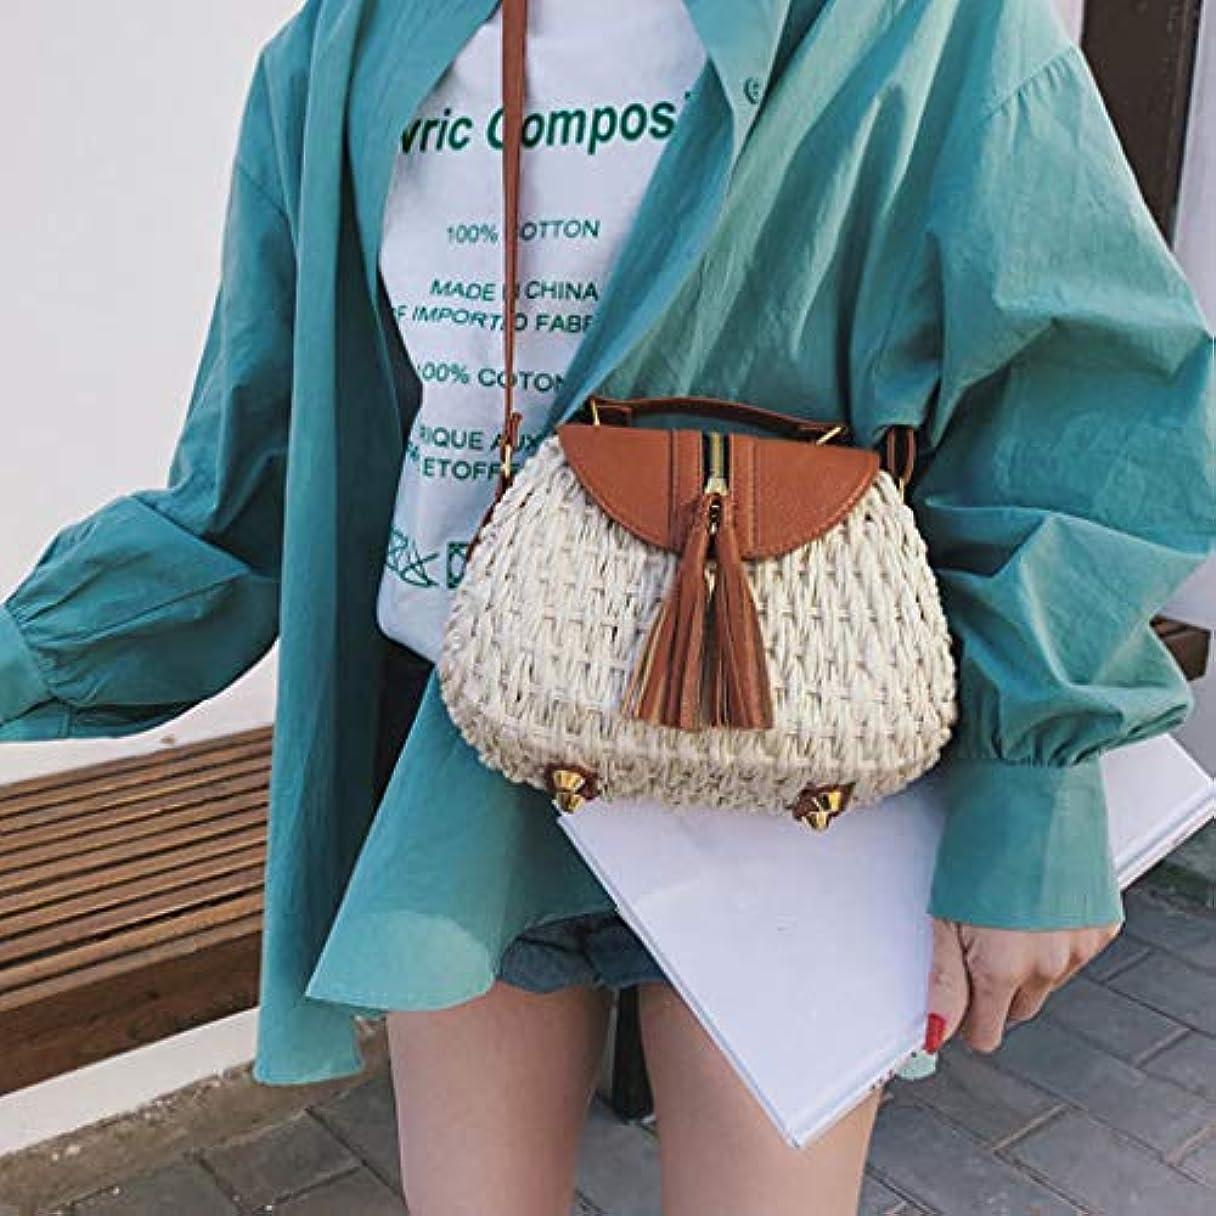 不平を言う宙返りデッドロック女性の流行のタッセルはショルダー?バッグ、女性浜の余暇のクロスボディ袋を織ります、女性のタッセルは浜様式のメッセンジャー袋を織ります、女性方法対照色のビーチ様式のメッセンジャー袋 (ベージュ)